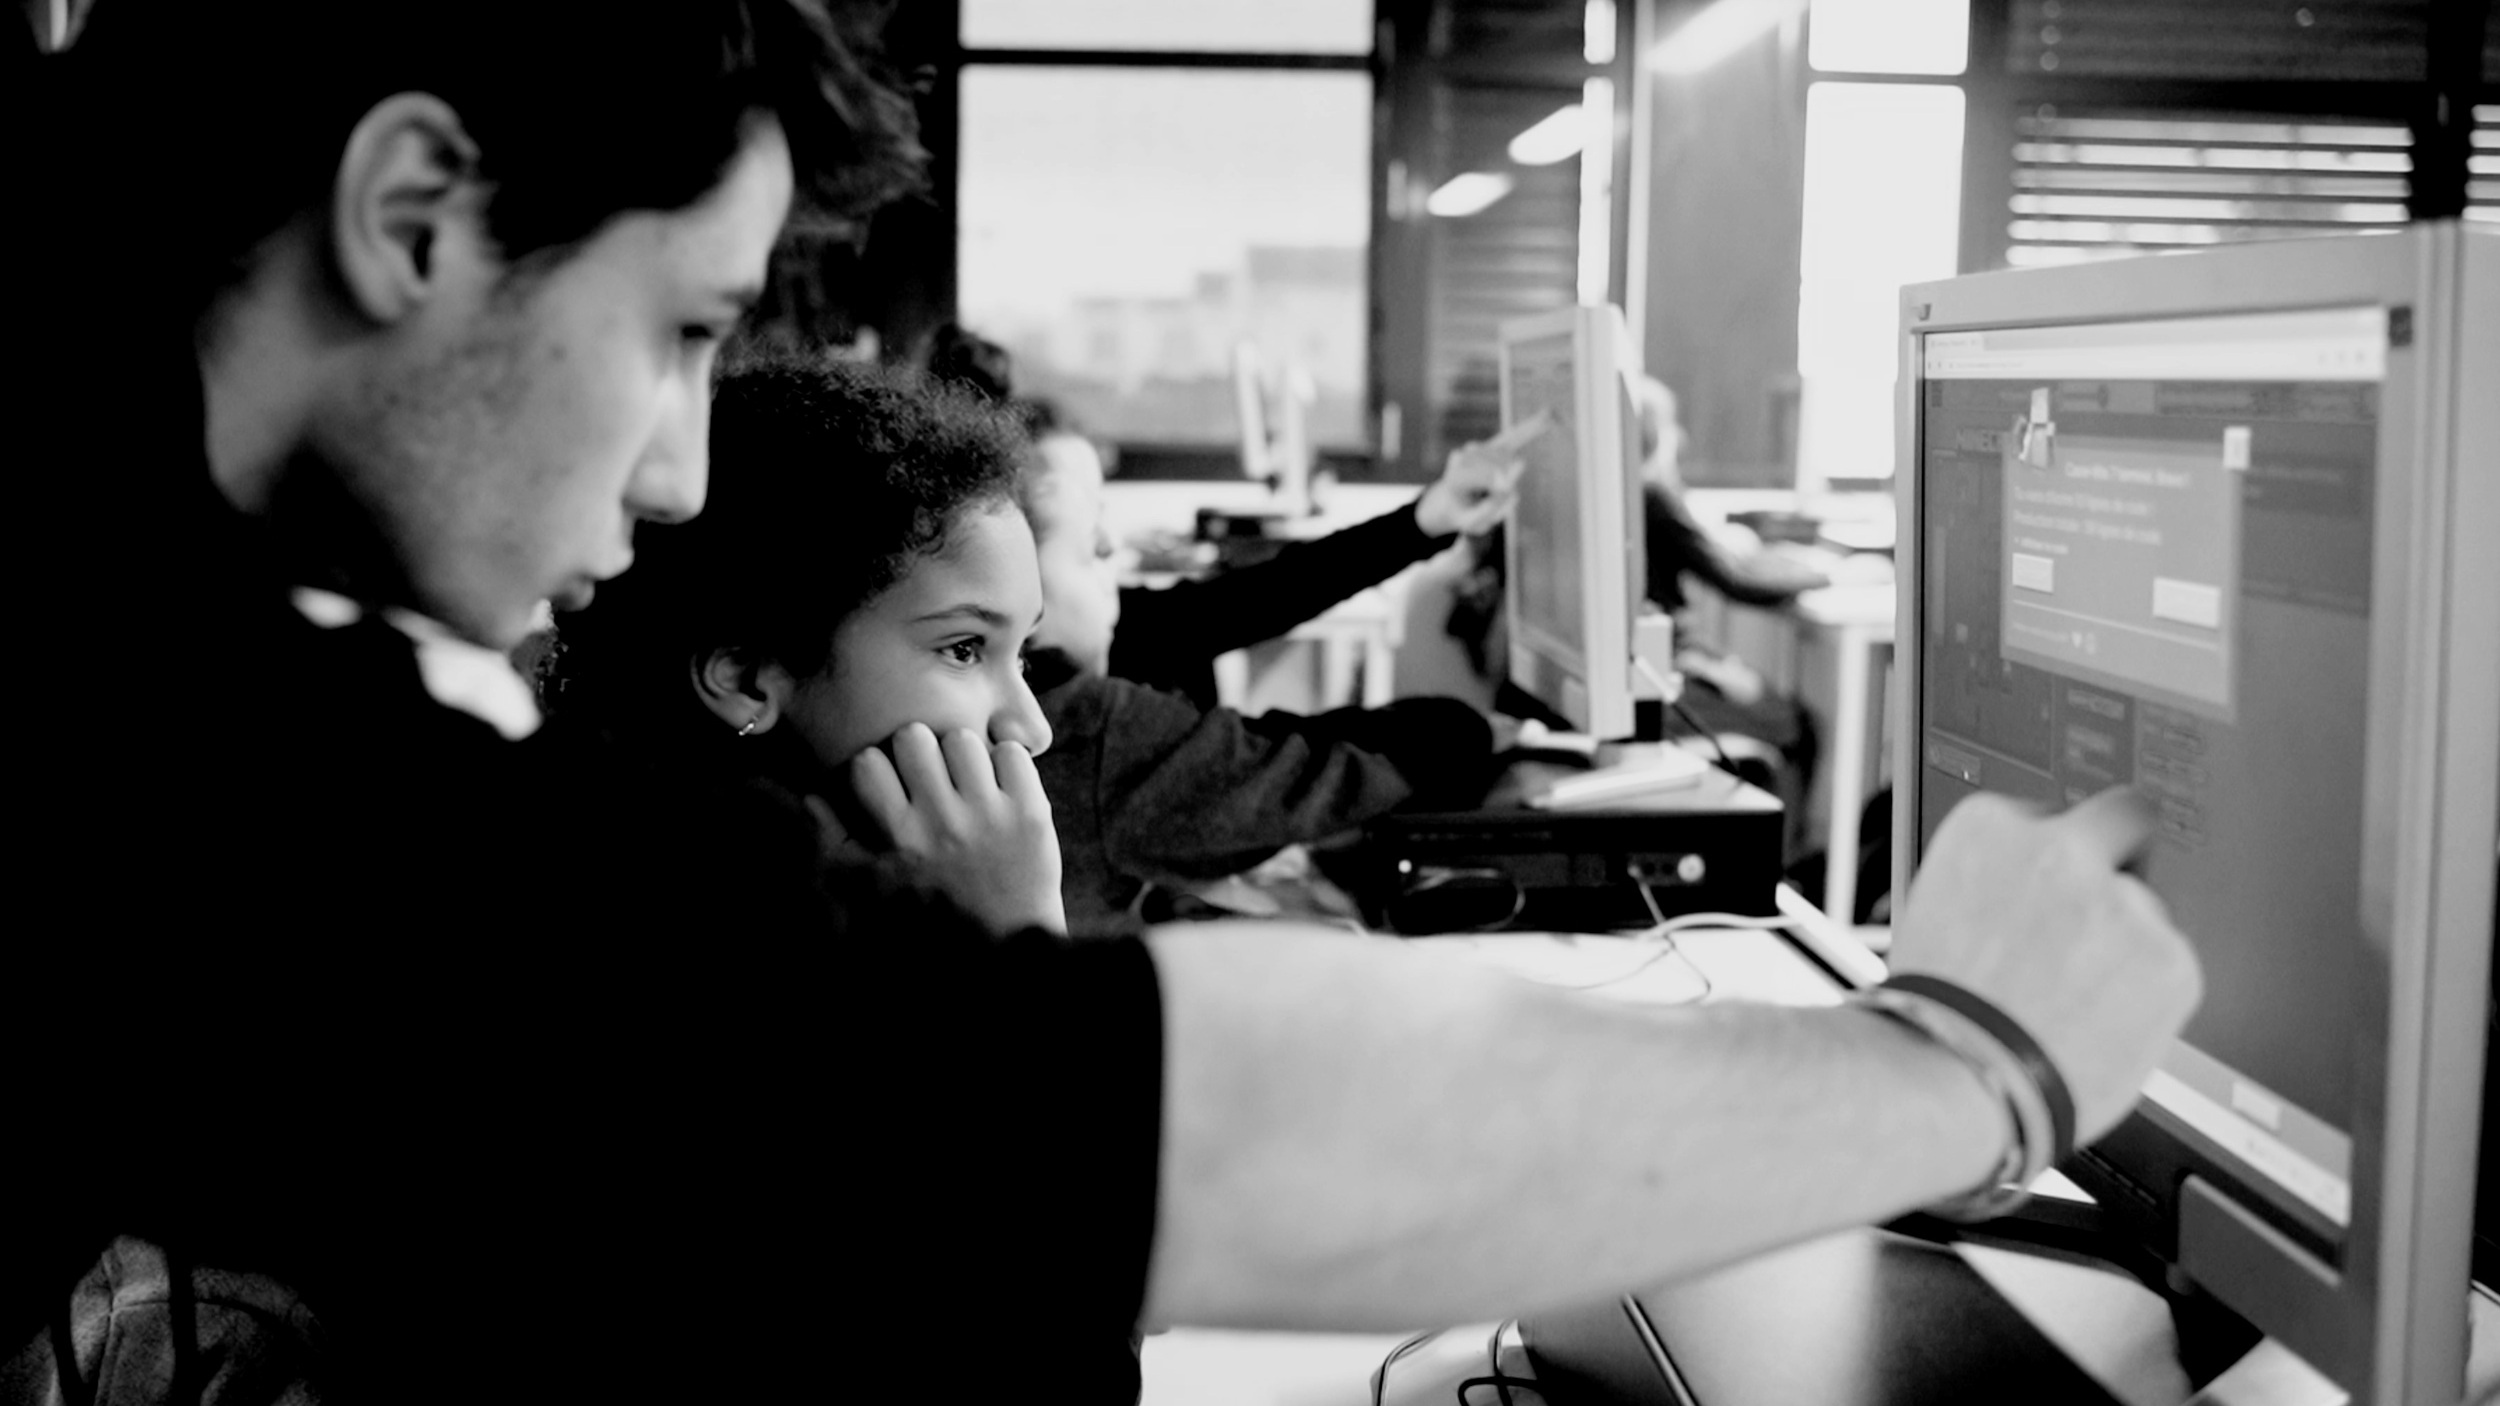 Une heure de code pour les collégiennes et les collégiens - Avec l'opération Hour Of Code, la Fondation LDigital a sensibilisé 2641 élèves de 6ème dont la moitié de collégiennes. 72% de ces élèves ont désormais envie d'apprendre à coder !